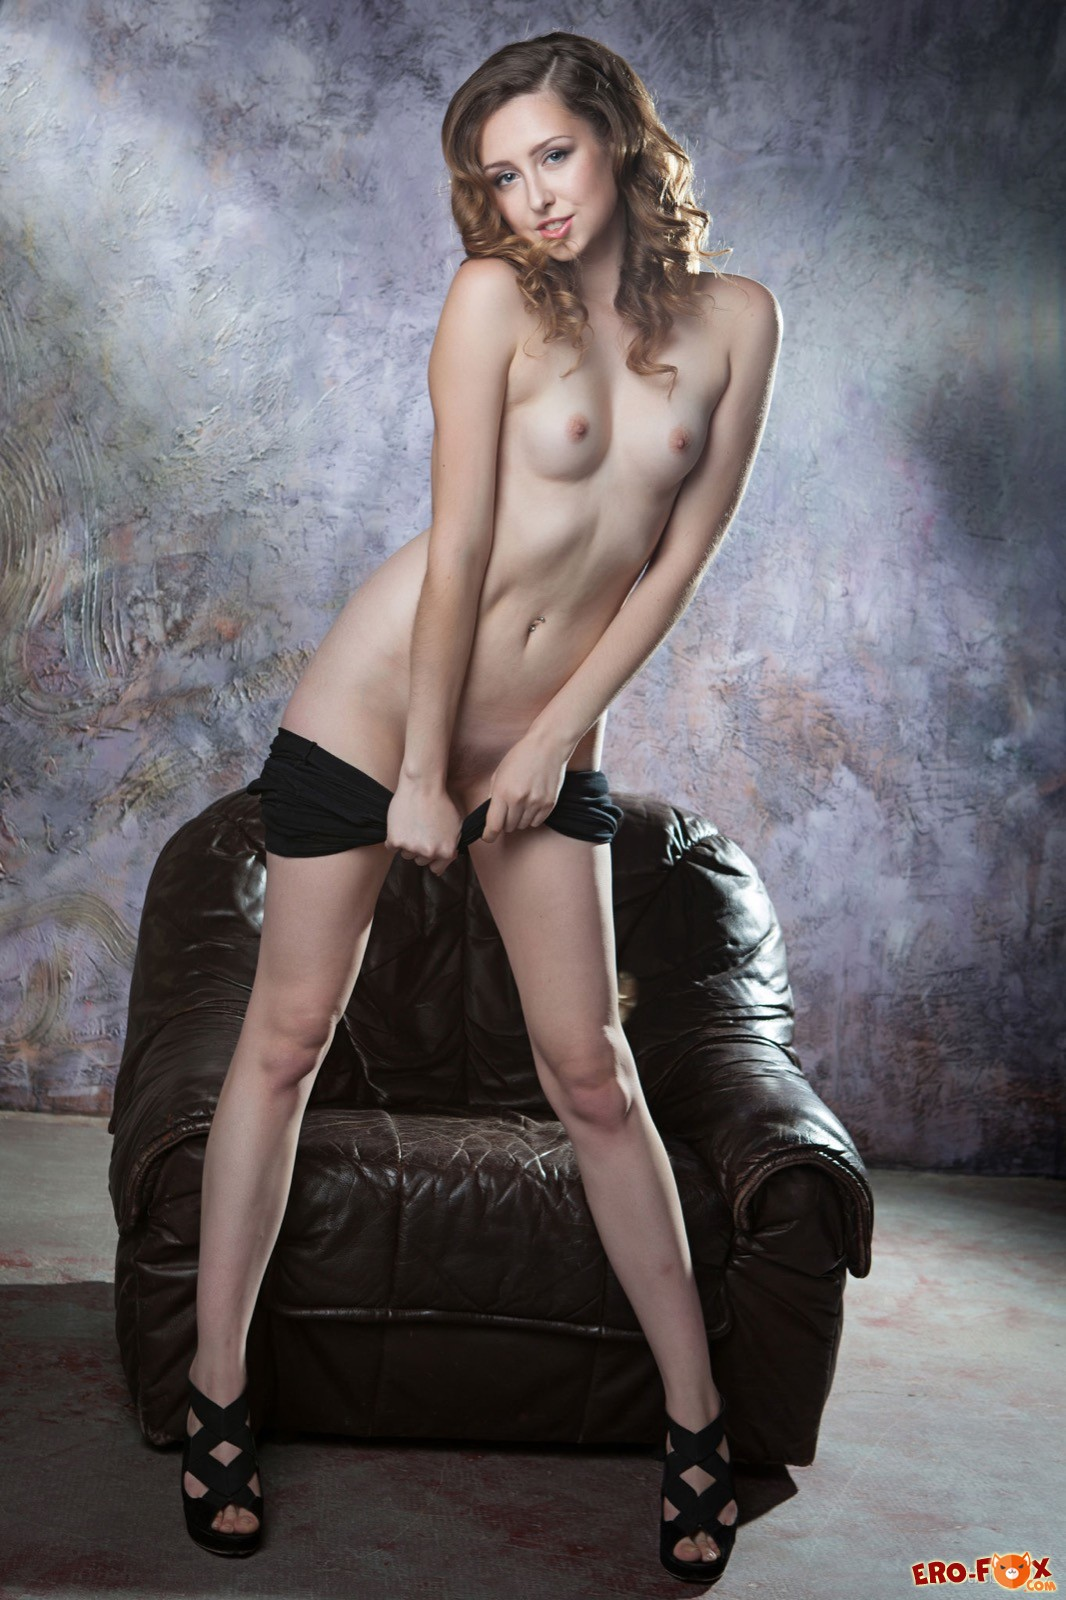 Элегантная девица сняла обтягивающее платье на кресле